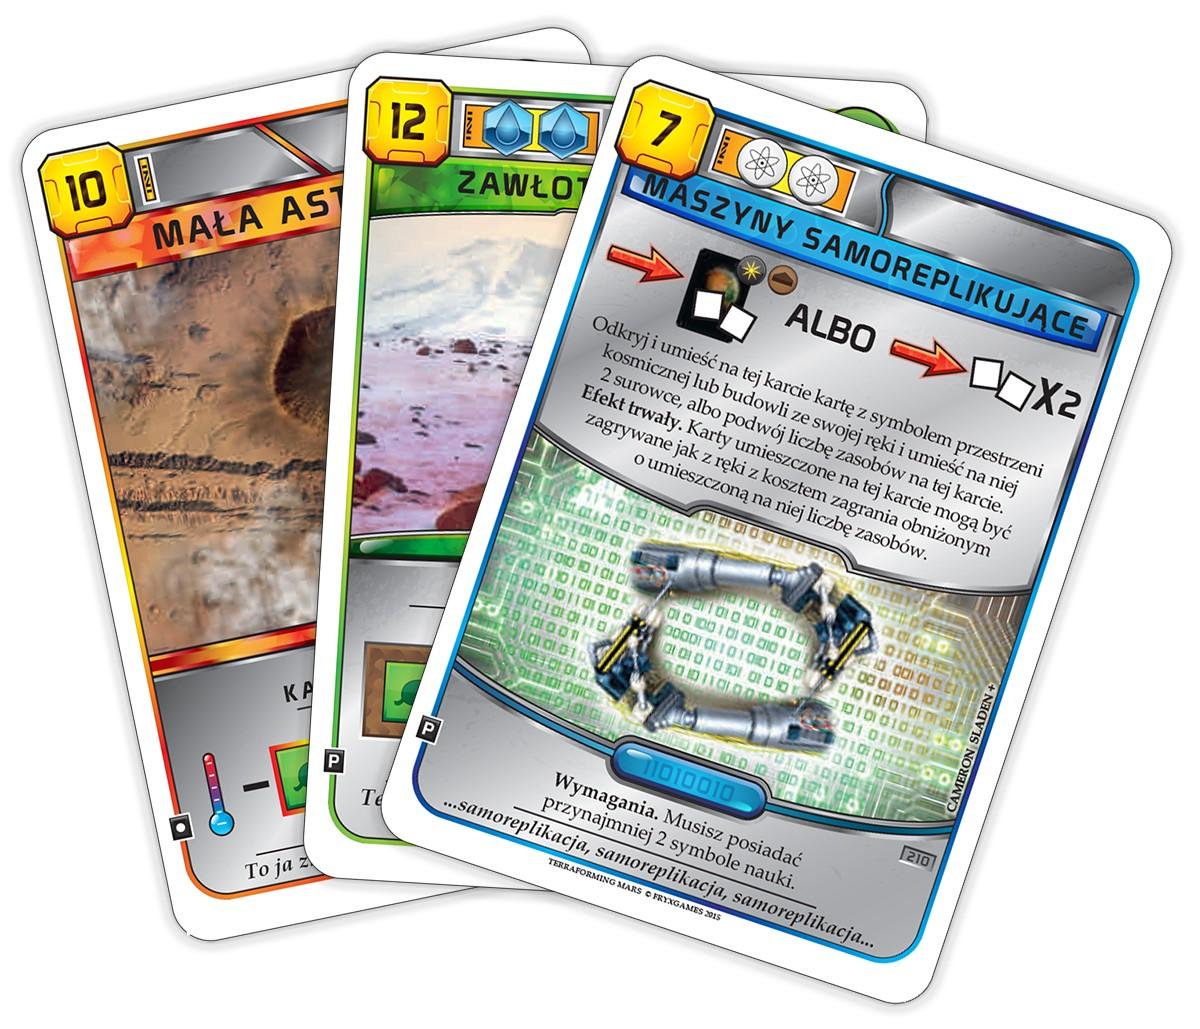 Terraformacja Marsa - zestaw dodatkowy 2 (3 karty)